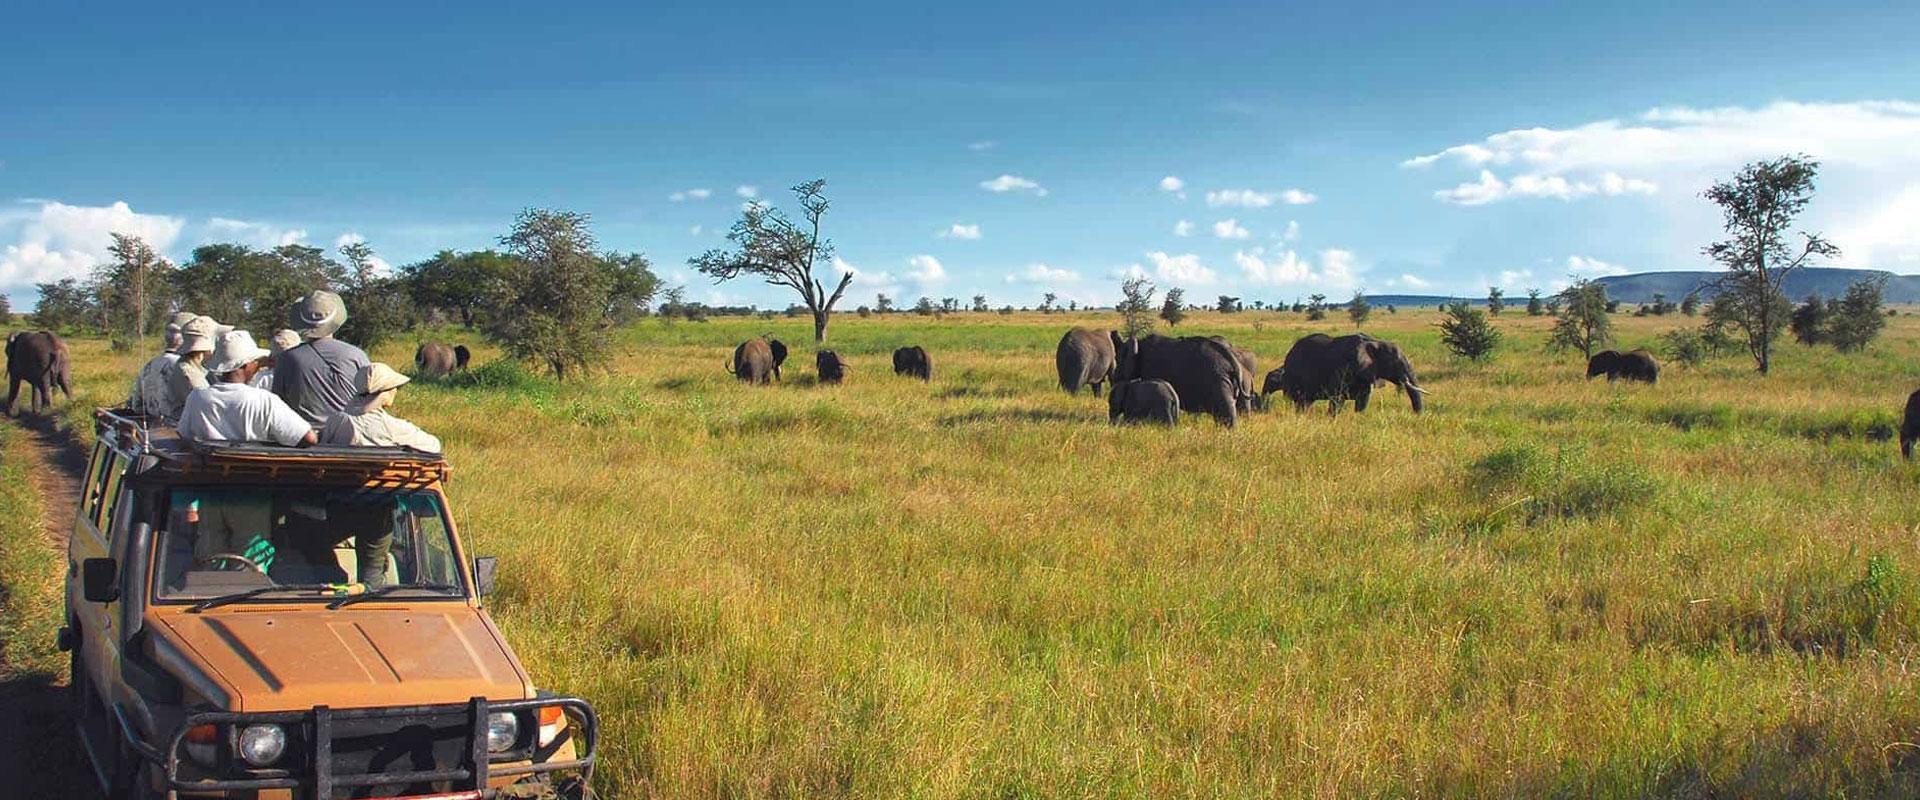 Tanzania Travel Advice